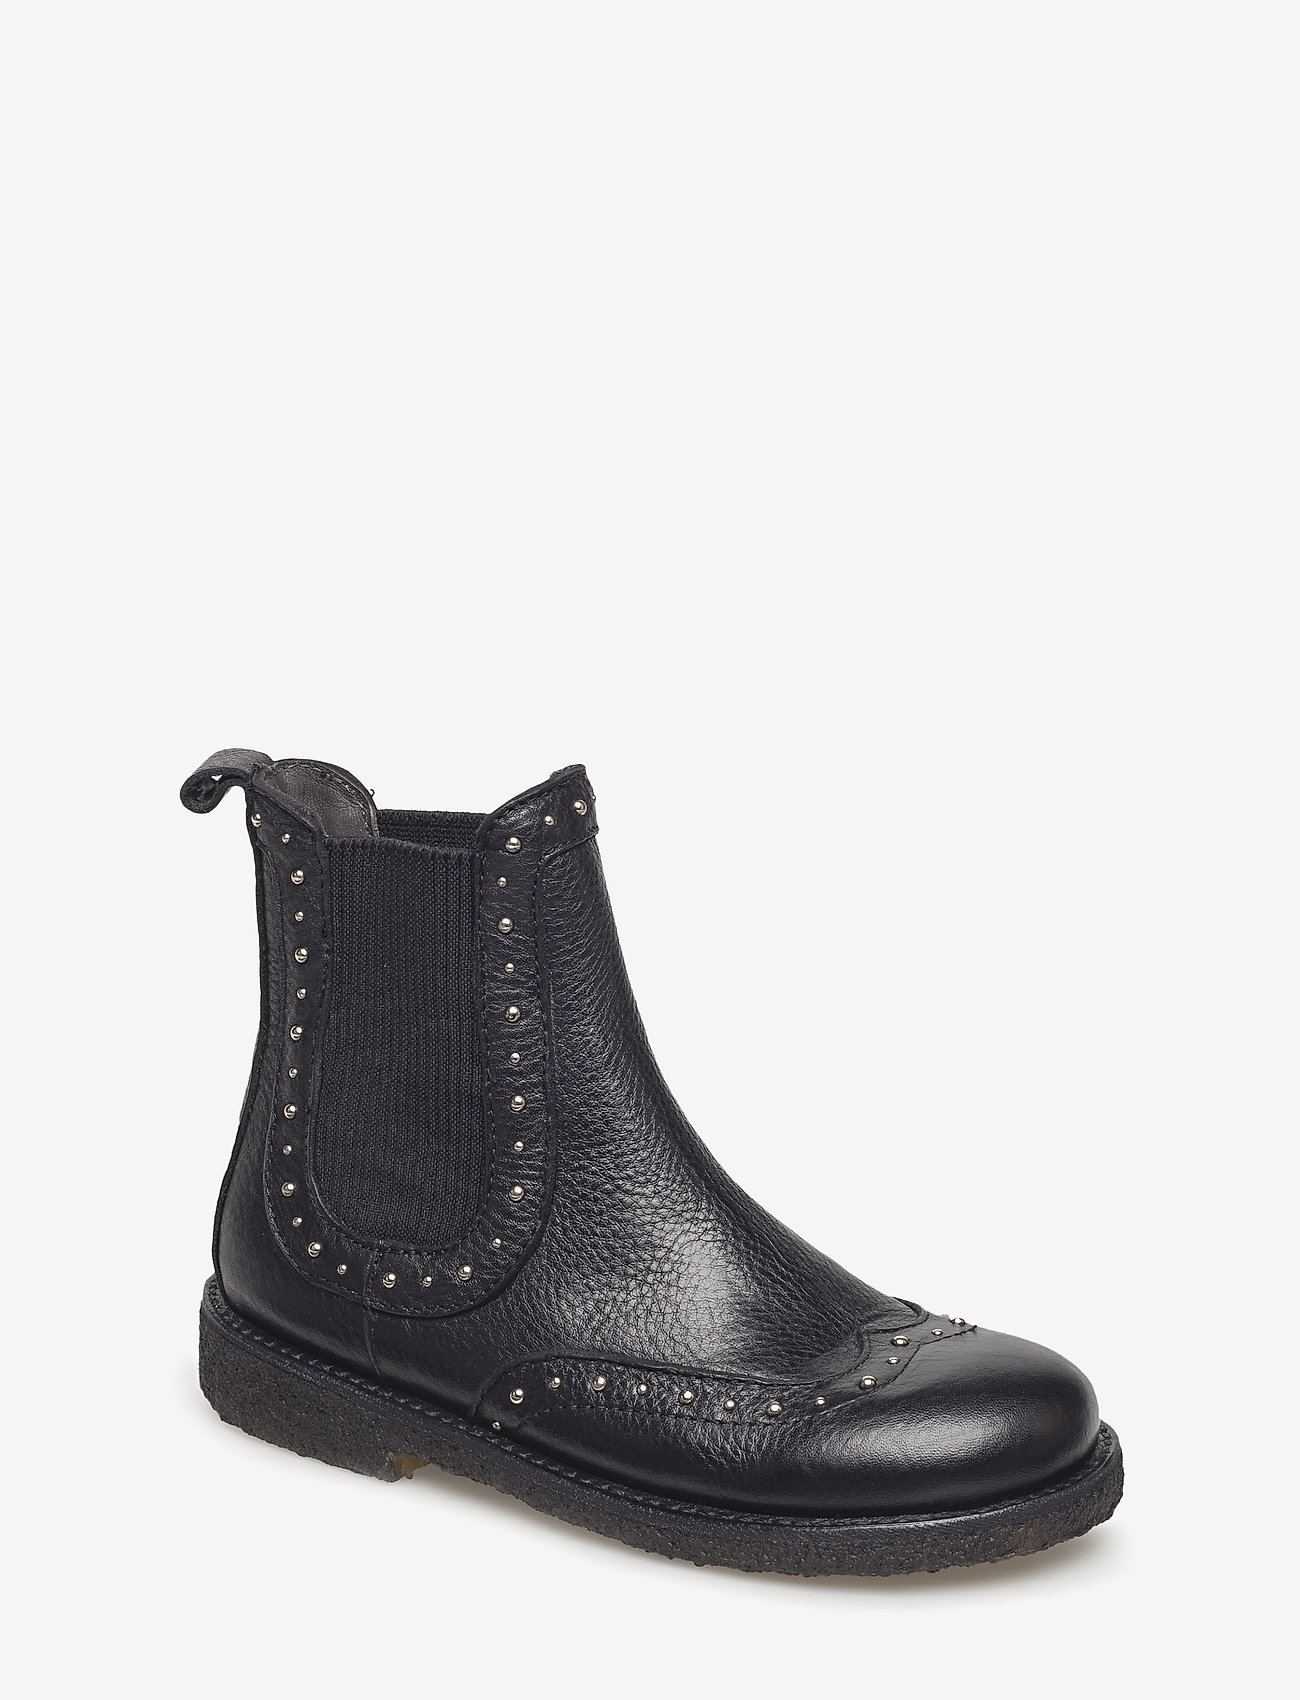 ANGULUS - Booties - flat - with elastic - laarzen - 1933/019 black/black - 0